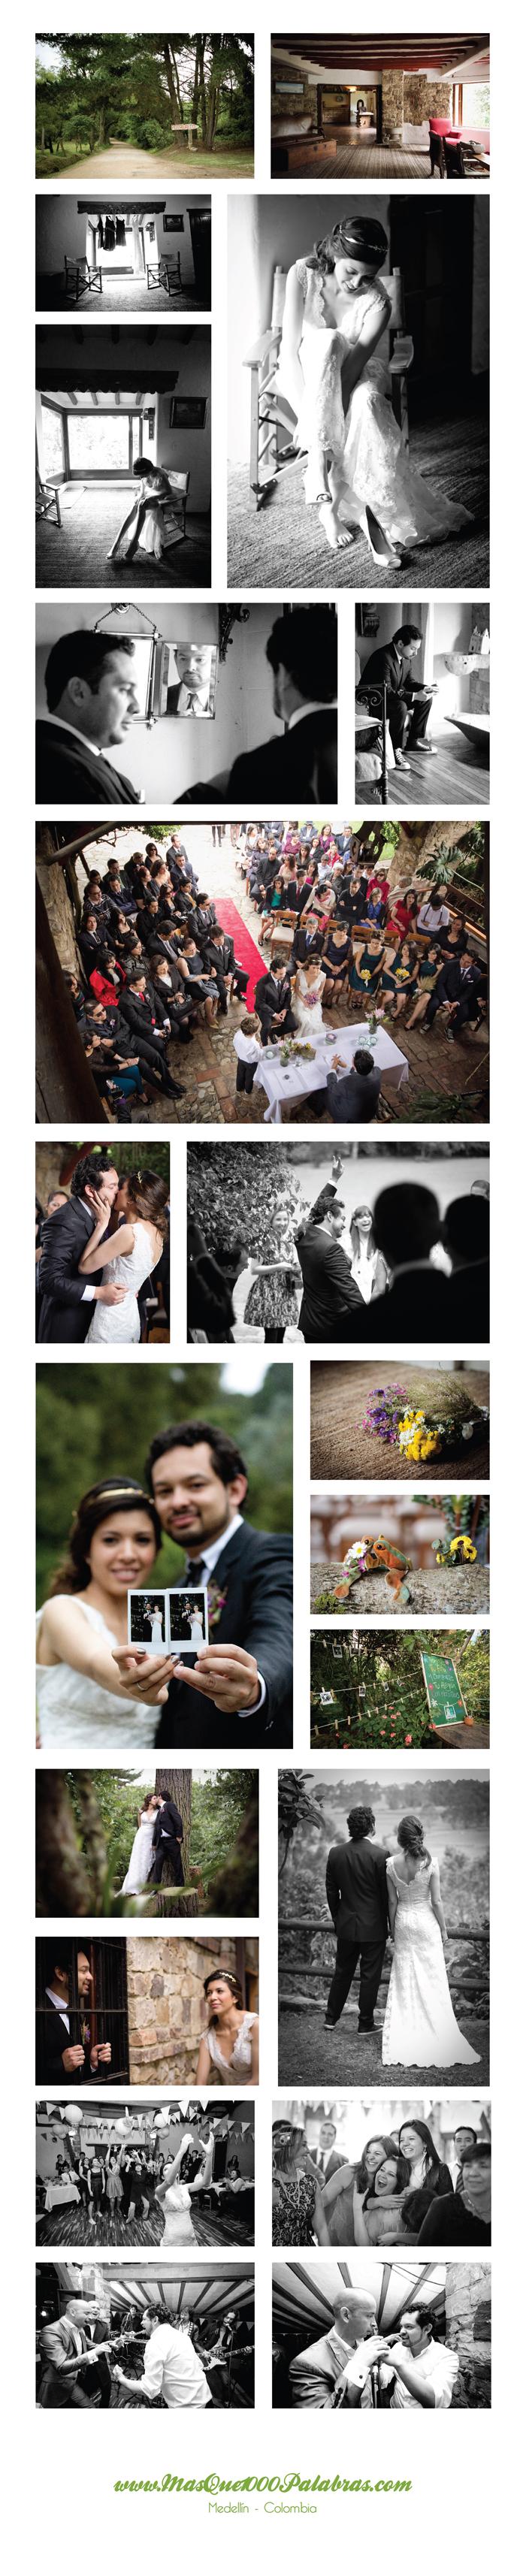 Matrimonio bogota fotografia